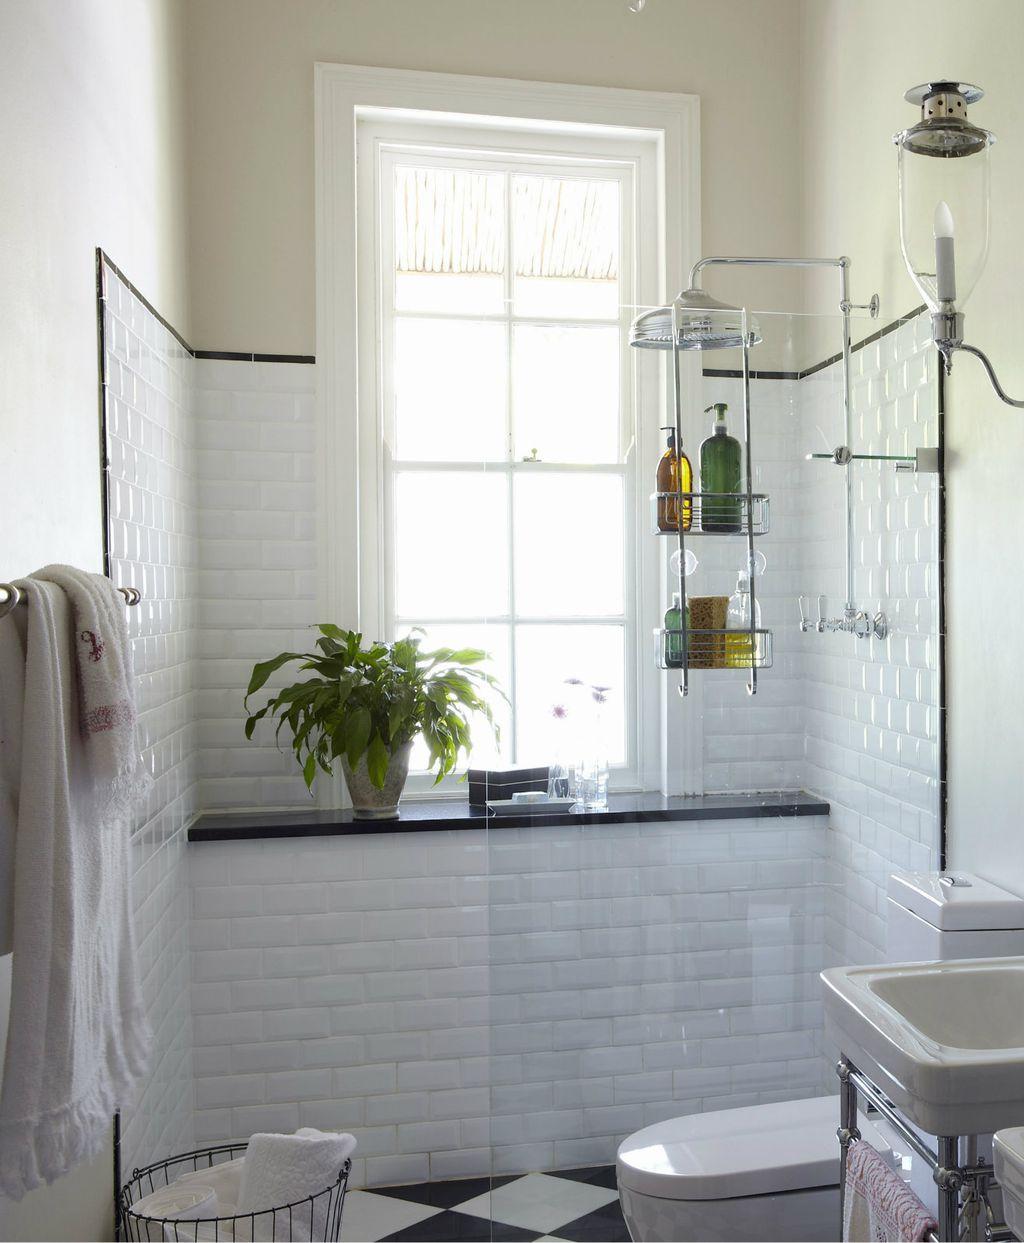 Kupaonicu uljepšajte novom metalnom galanterijom